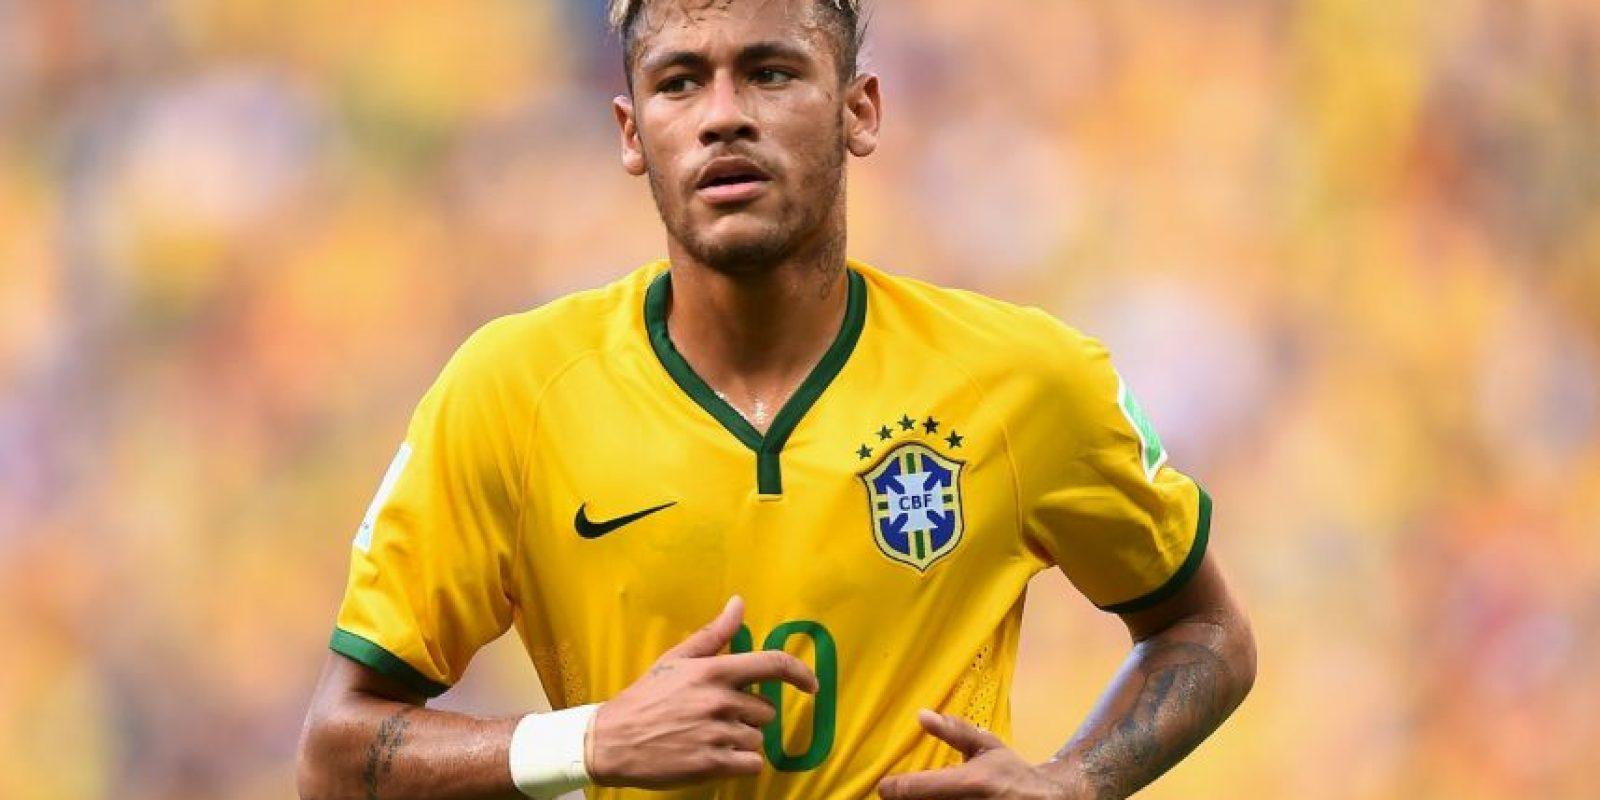 El principal de ellos es Neymar (80 millones de euros). Foto:Getty Images